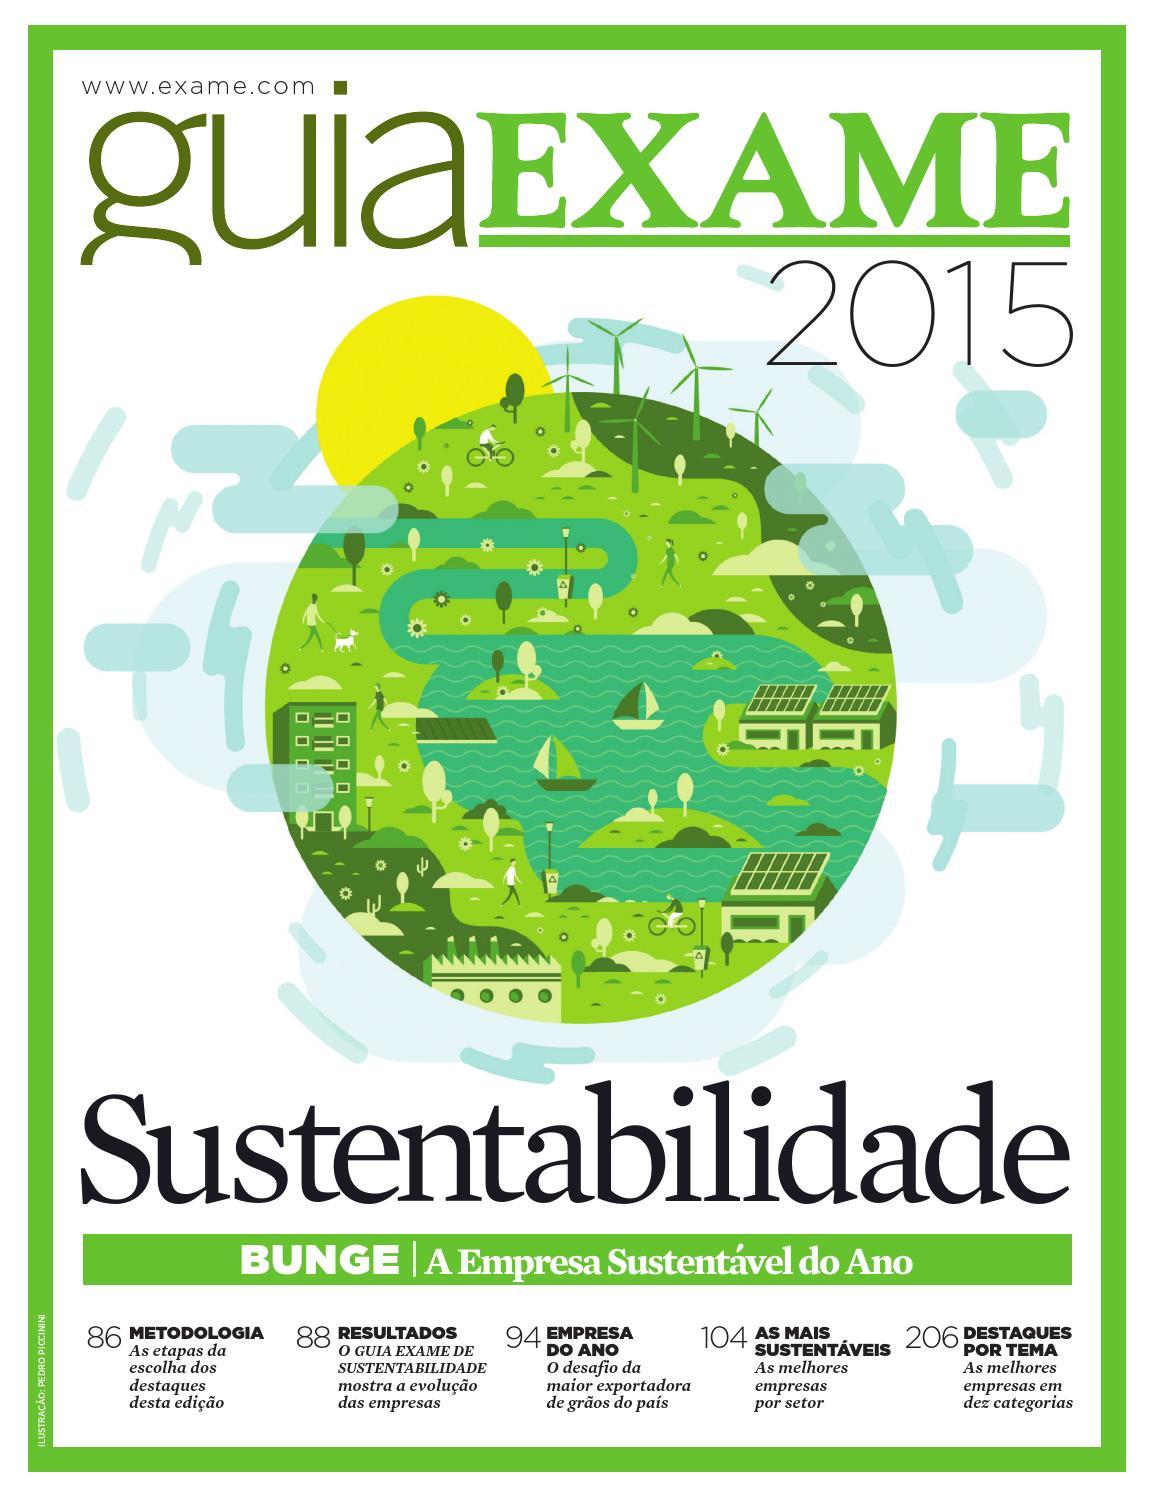 eca64ec34f6 Guia EXAME Sustentabilidade 2015 by Revista EXAME - issuu